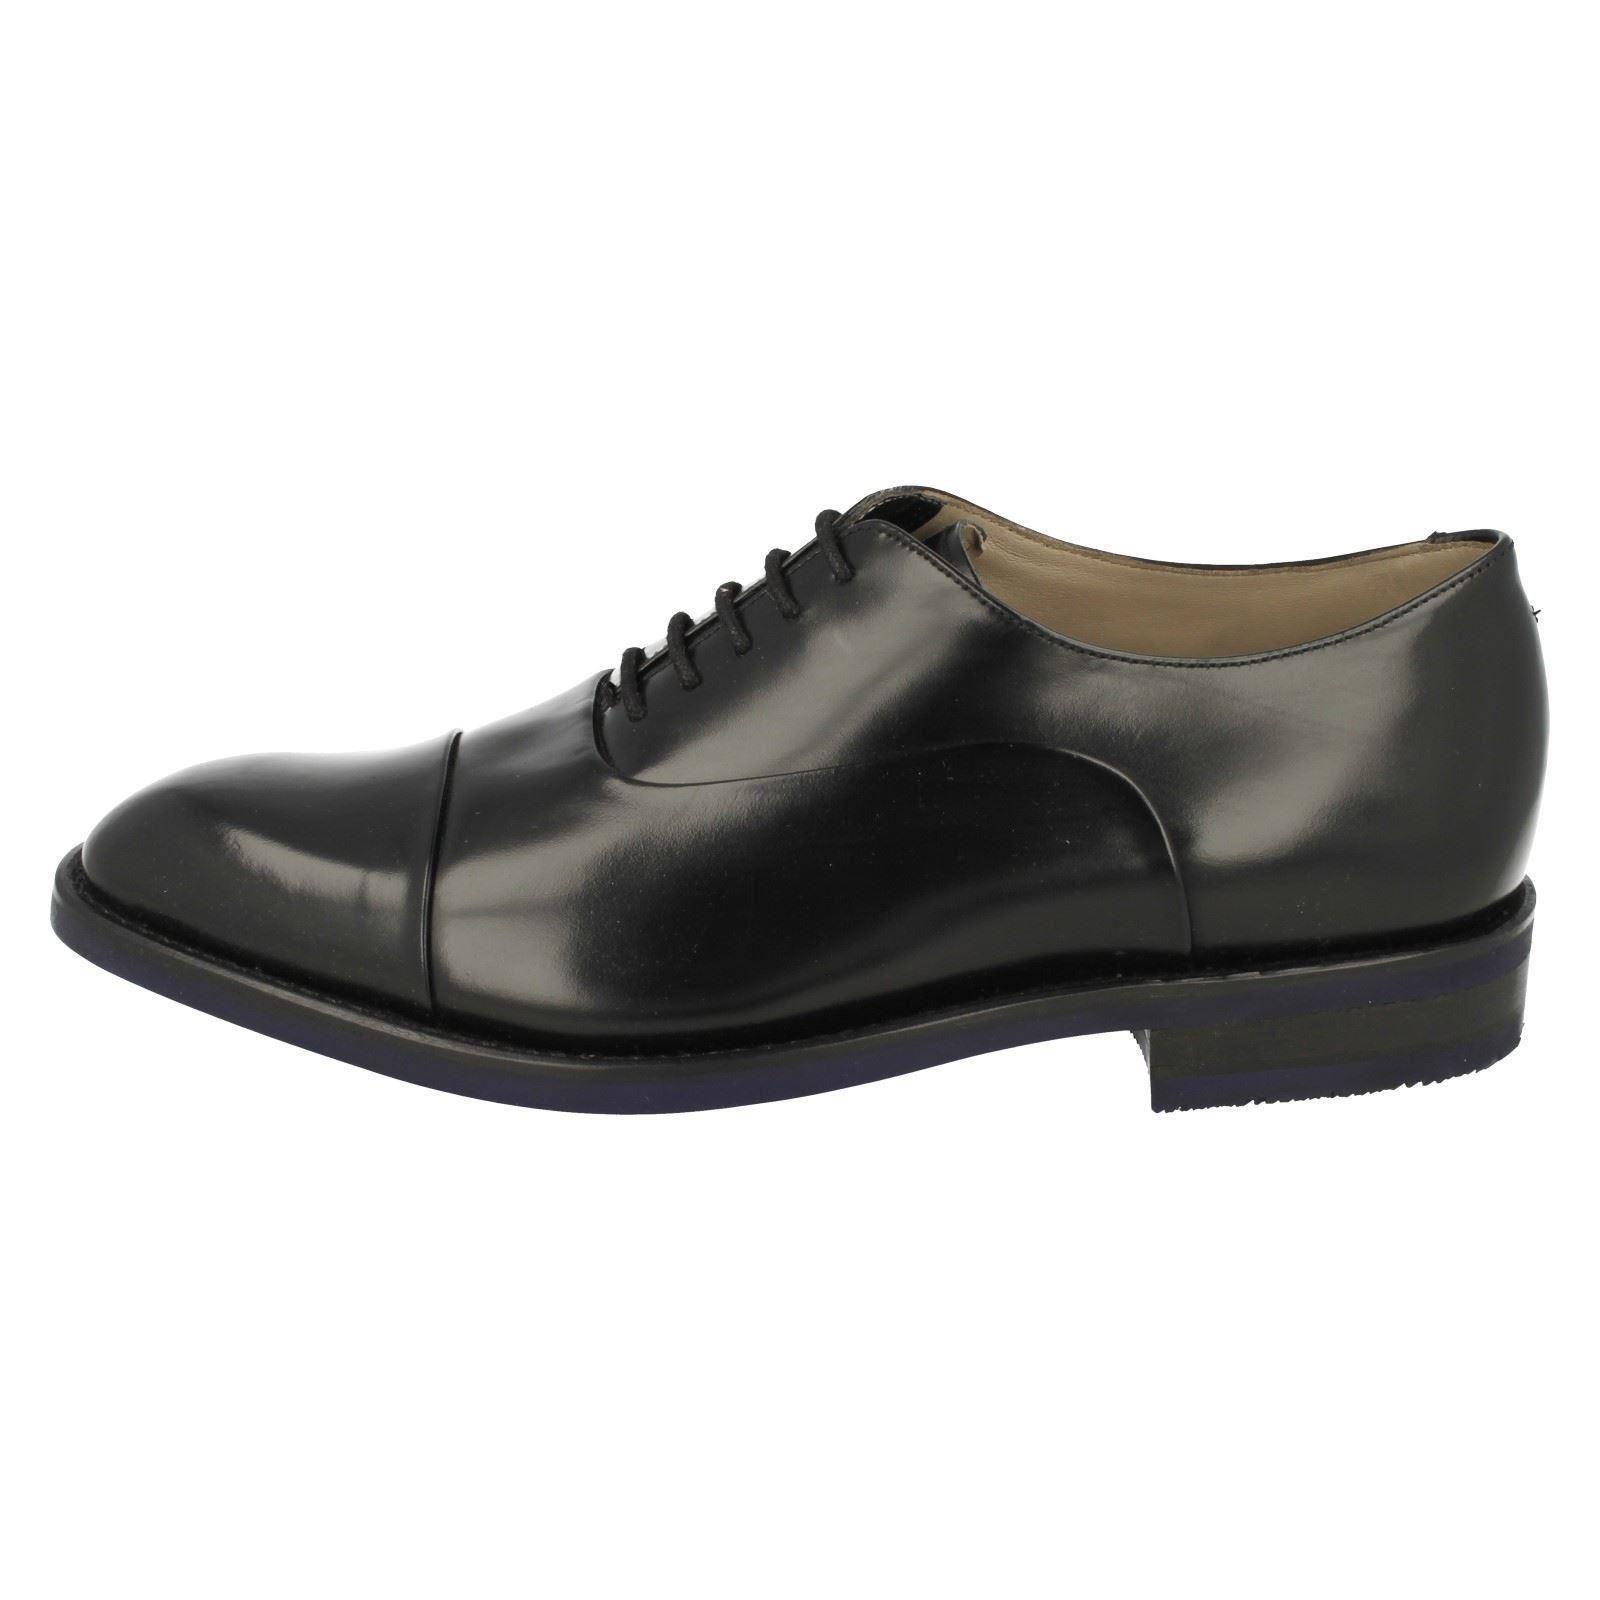 Clarks Chaussures Swinley à Cap Hommes lacets Black formelles ZOPgwdxnq